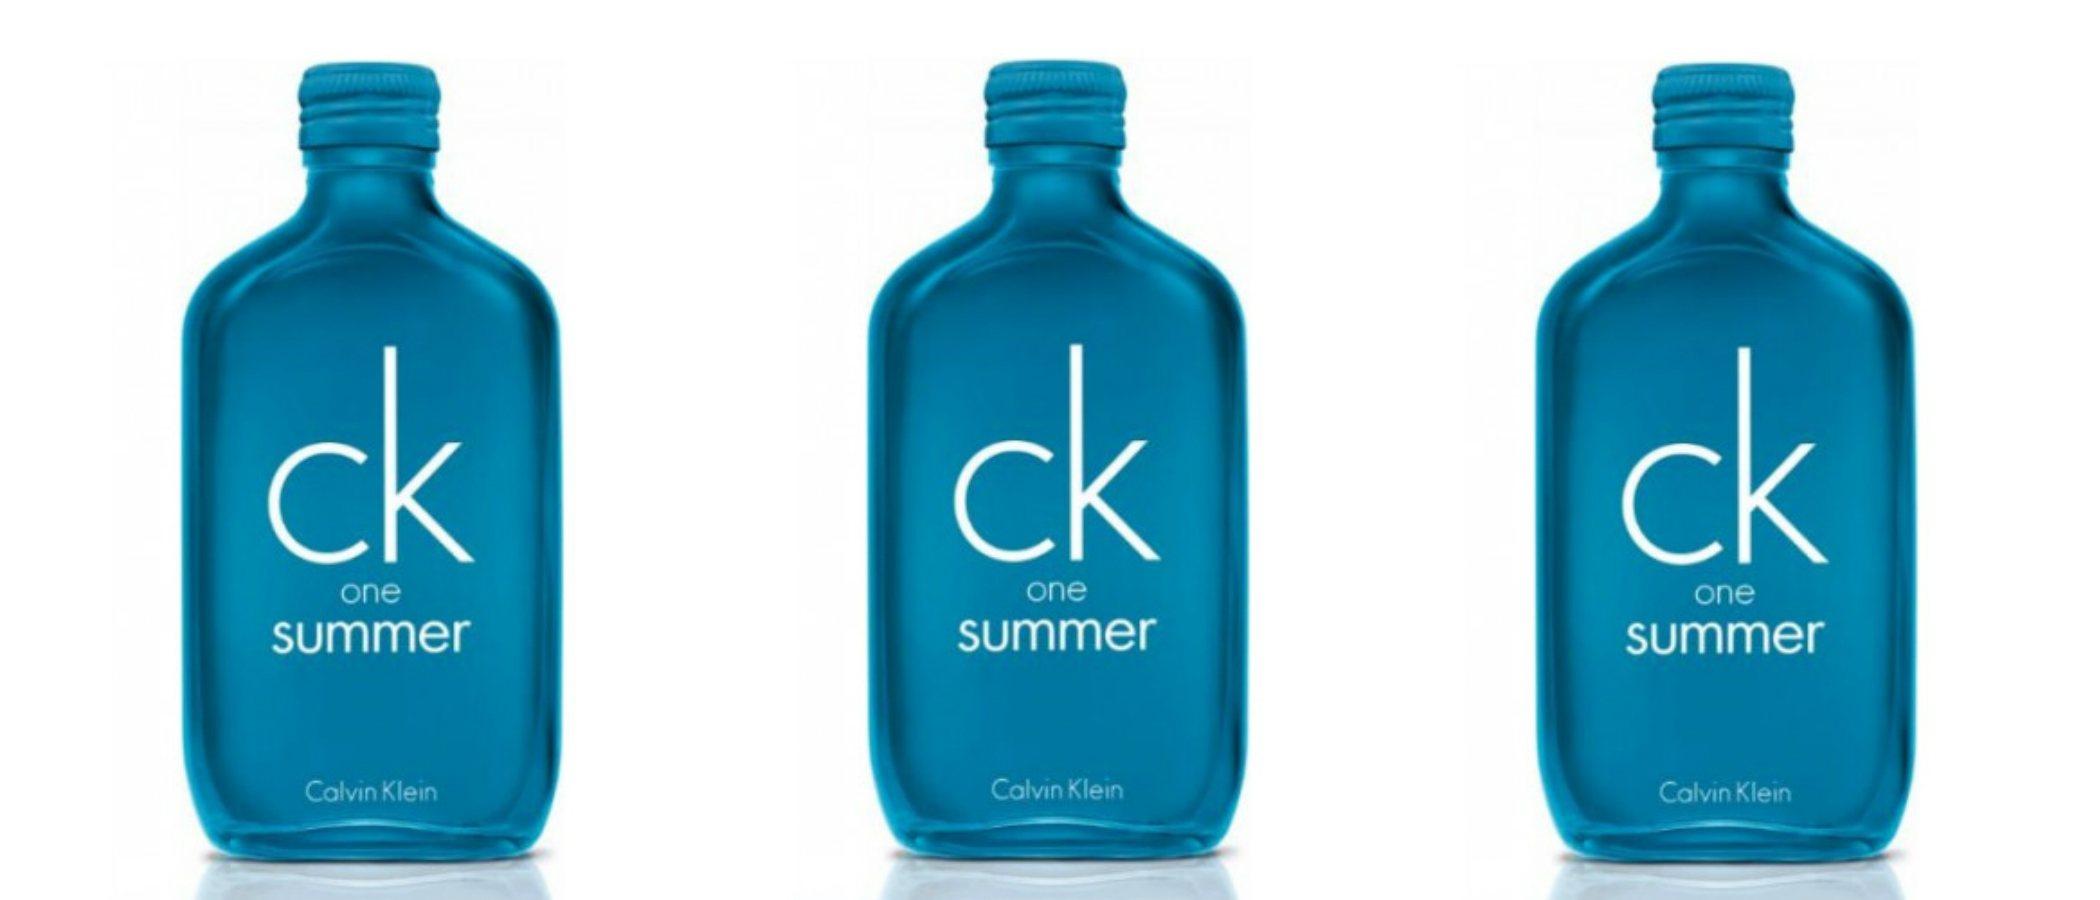 Calvin Klein presenta 'CK One Summer 2018'